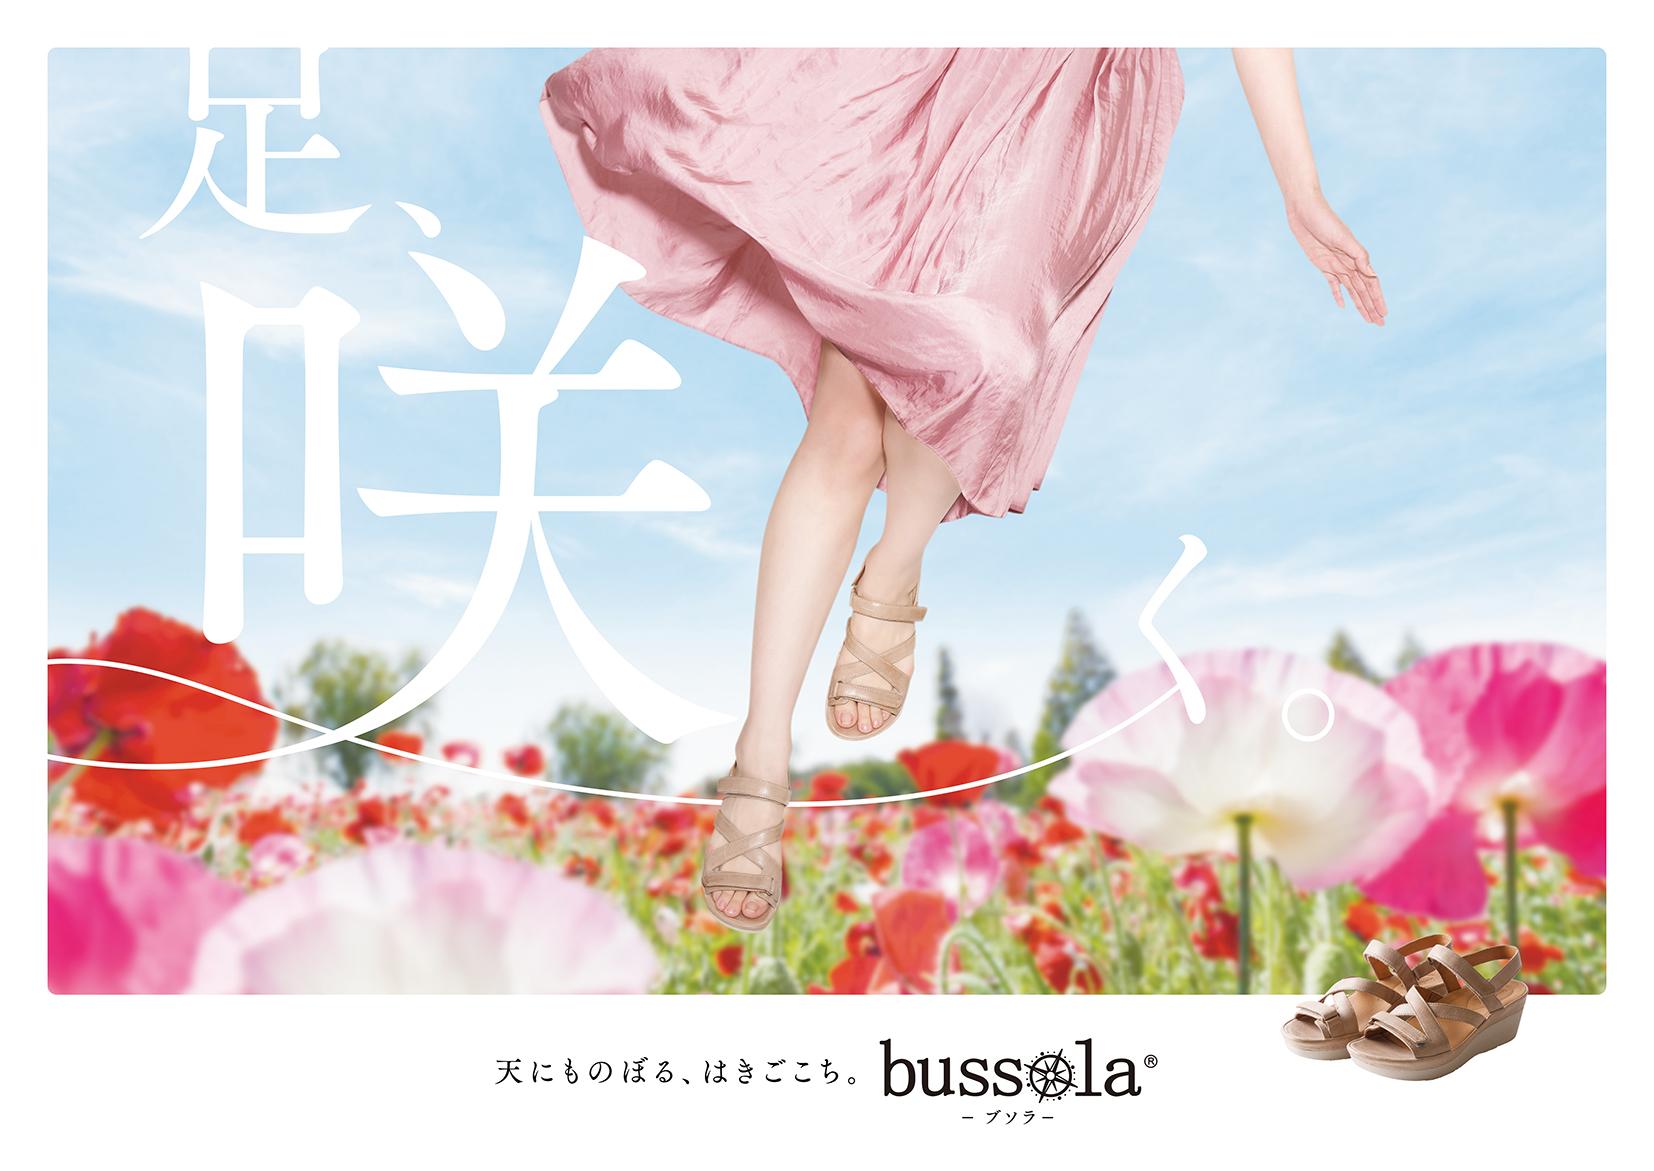 足、咲く。